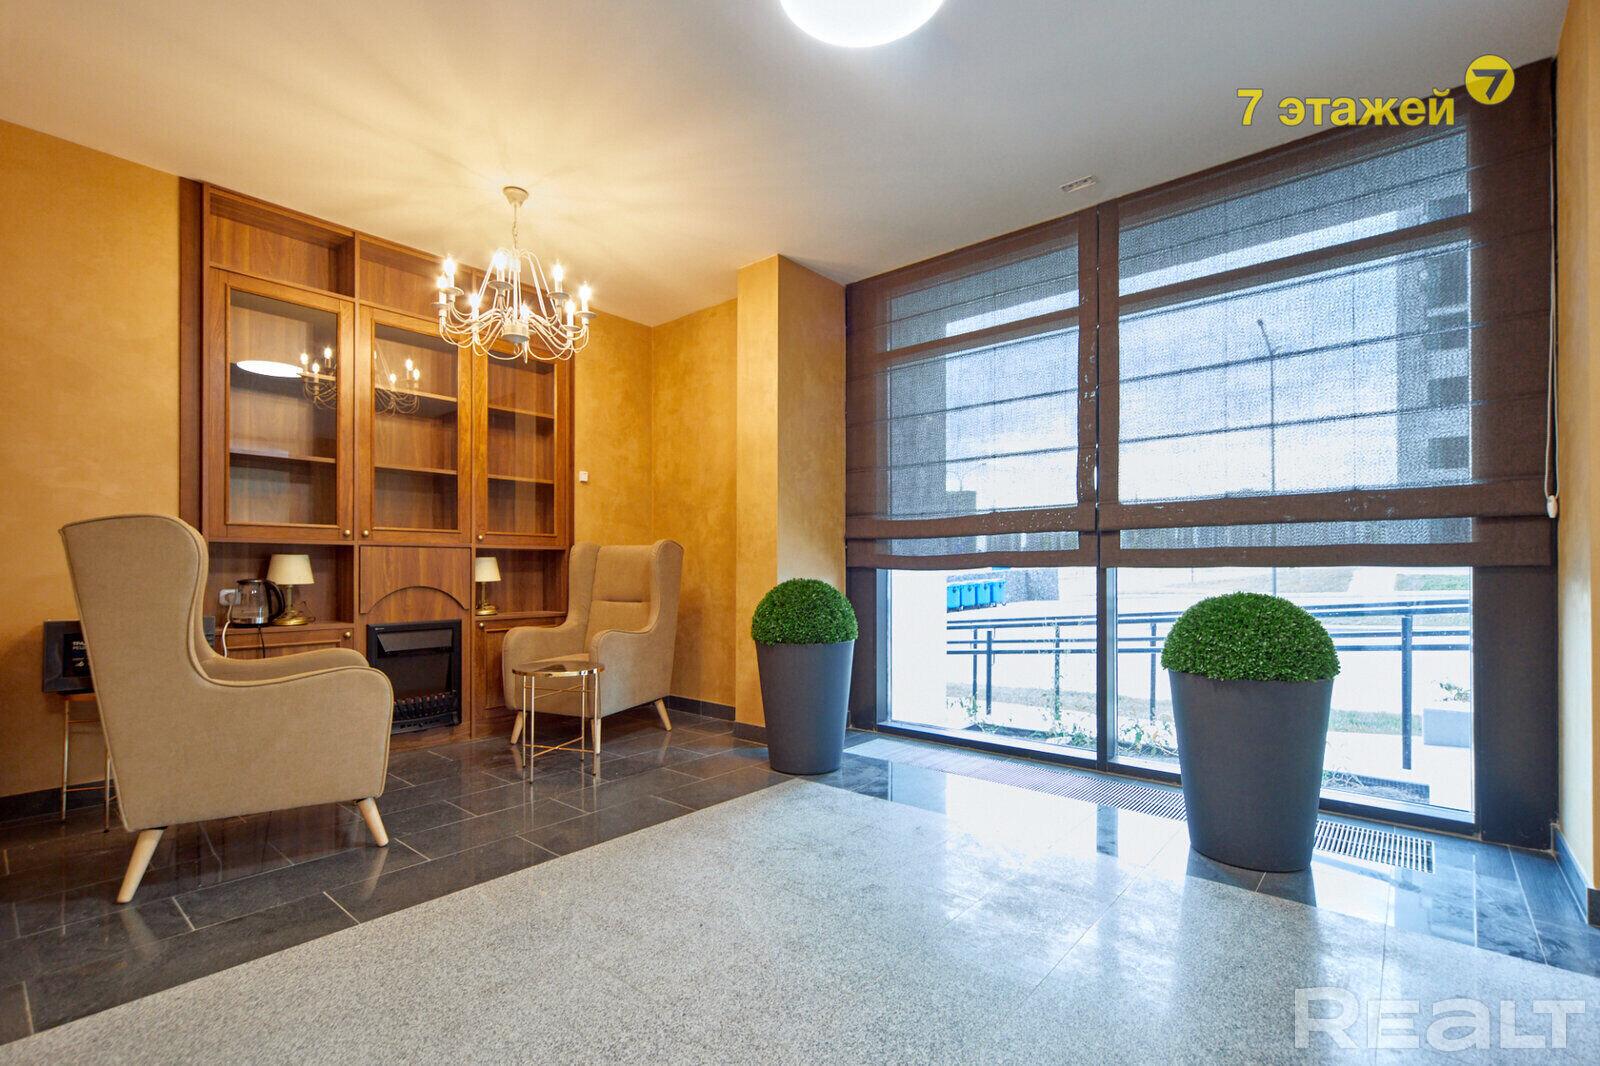 Продается 1-комнатная квартира в новостройке с видом на Волну